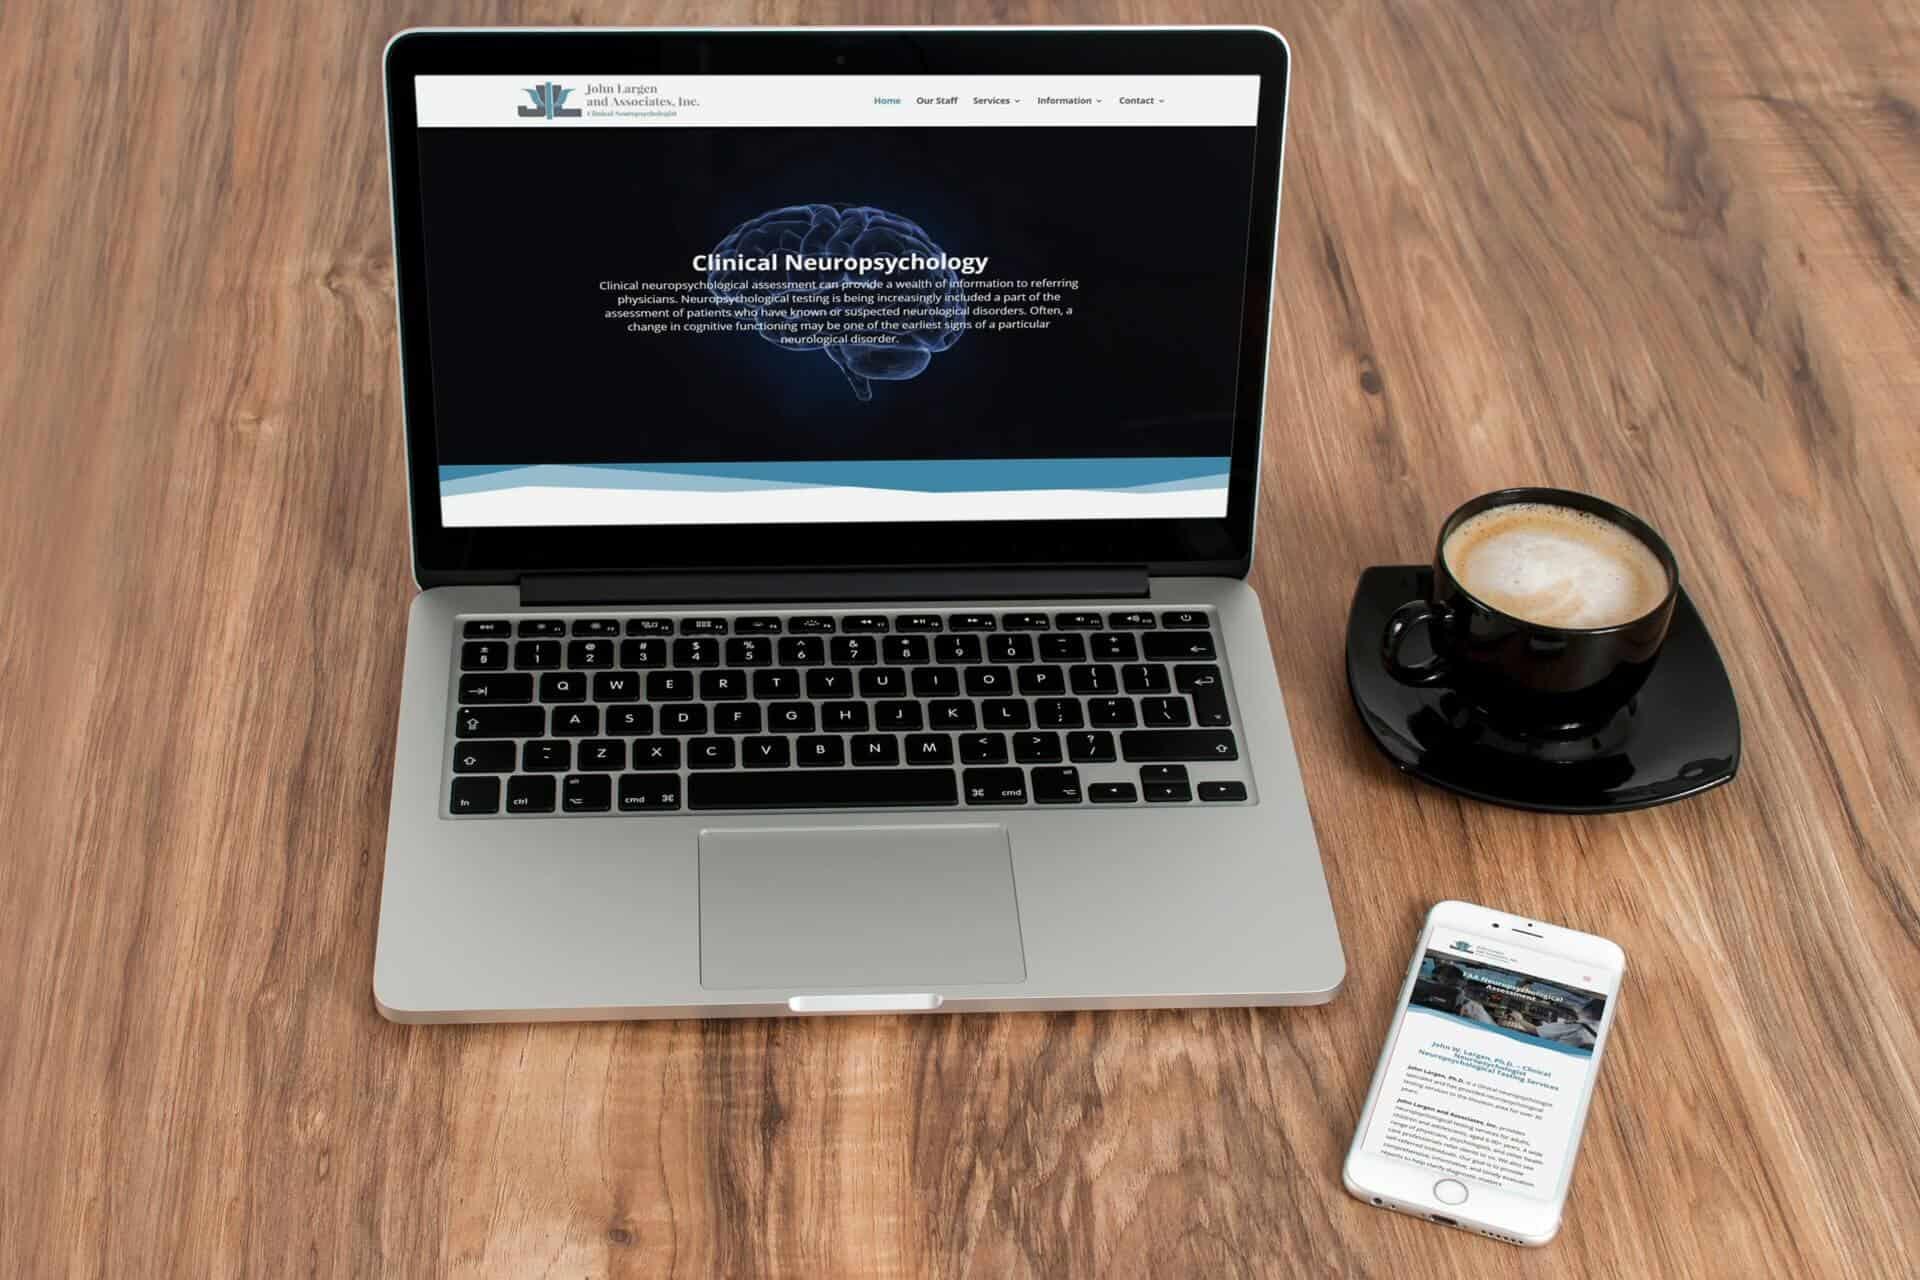 John W. Largen & Associates Website Design